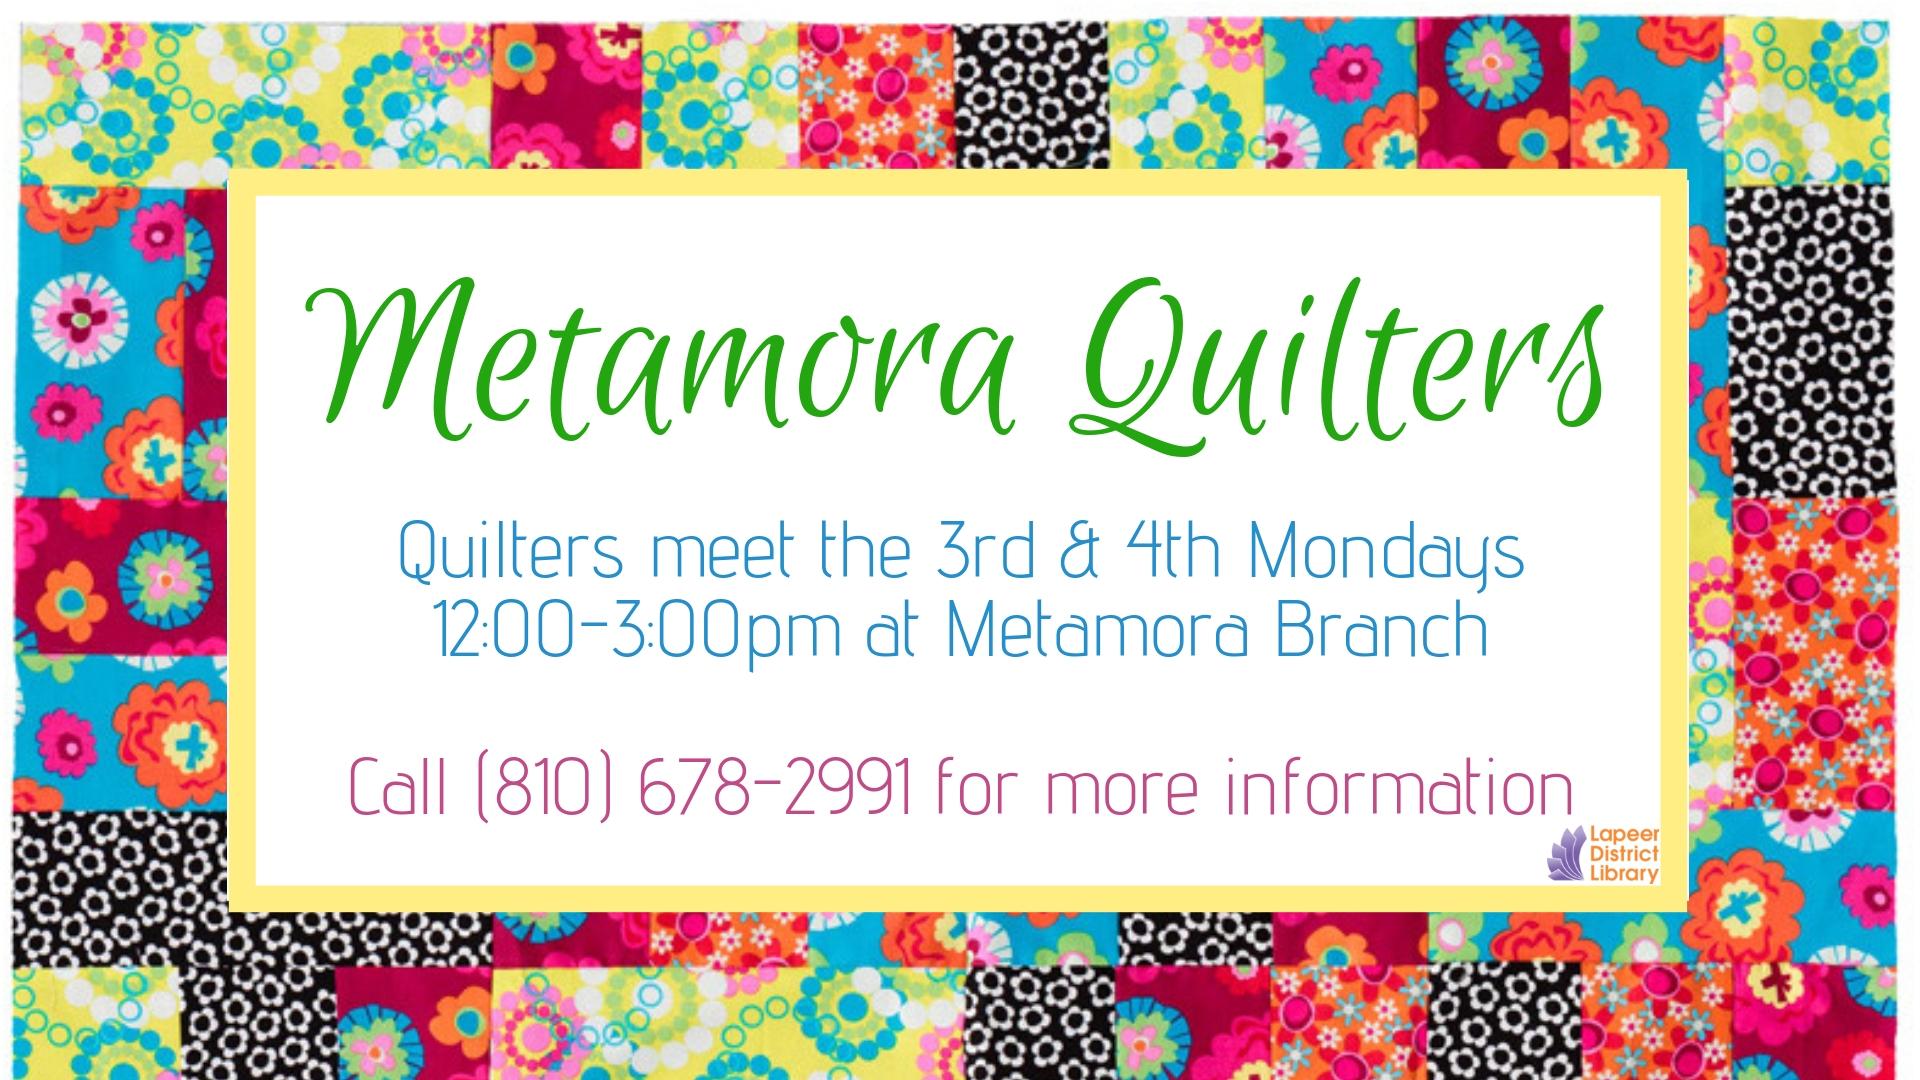 Metamora Quilters